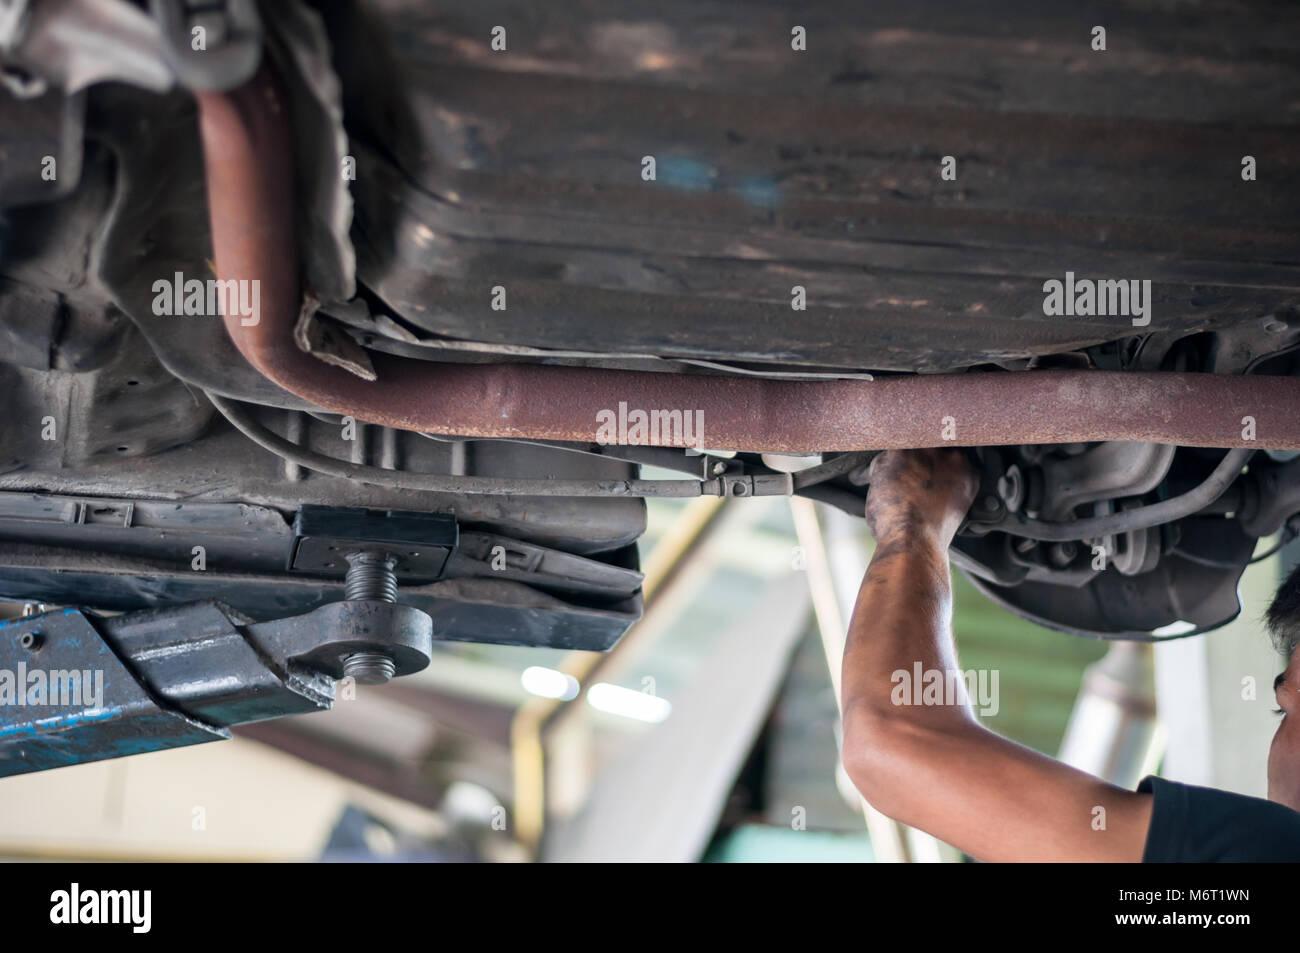 Automechaniker asiatischen Kontrolle bush-Schraube unter Doppelquerlenkerachse von Hand mit Tools Auto heben Stockbild